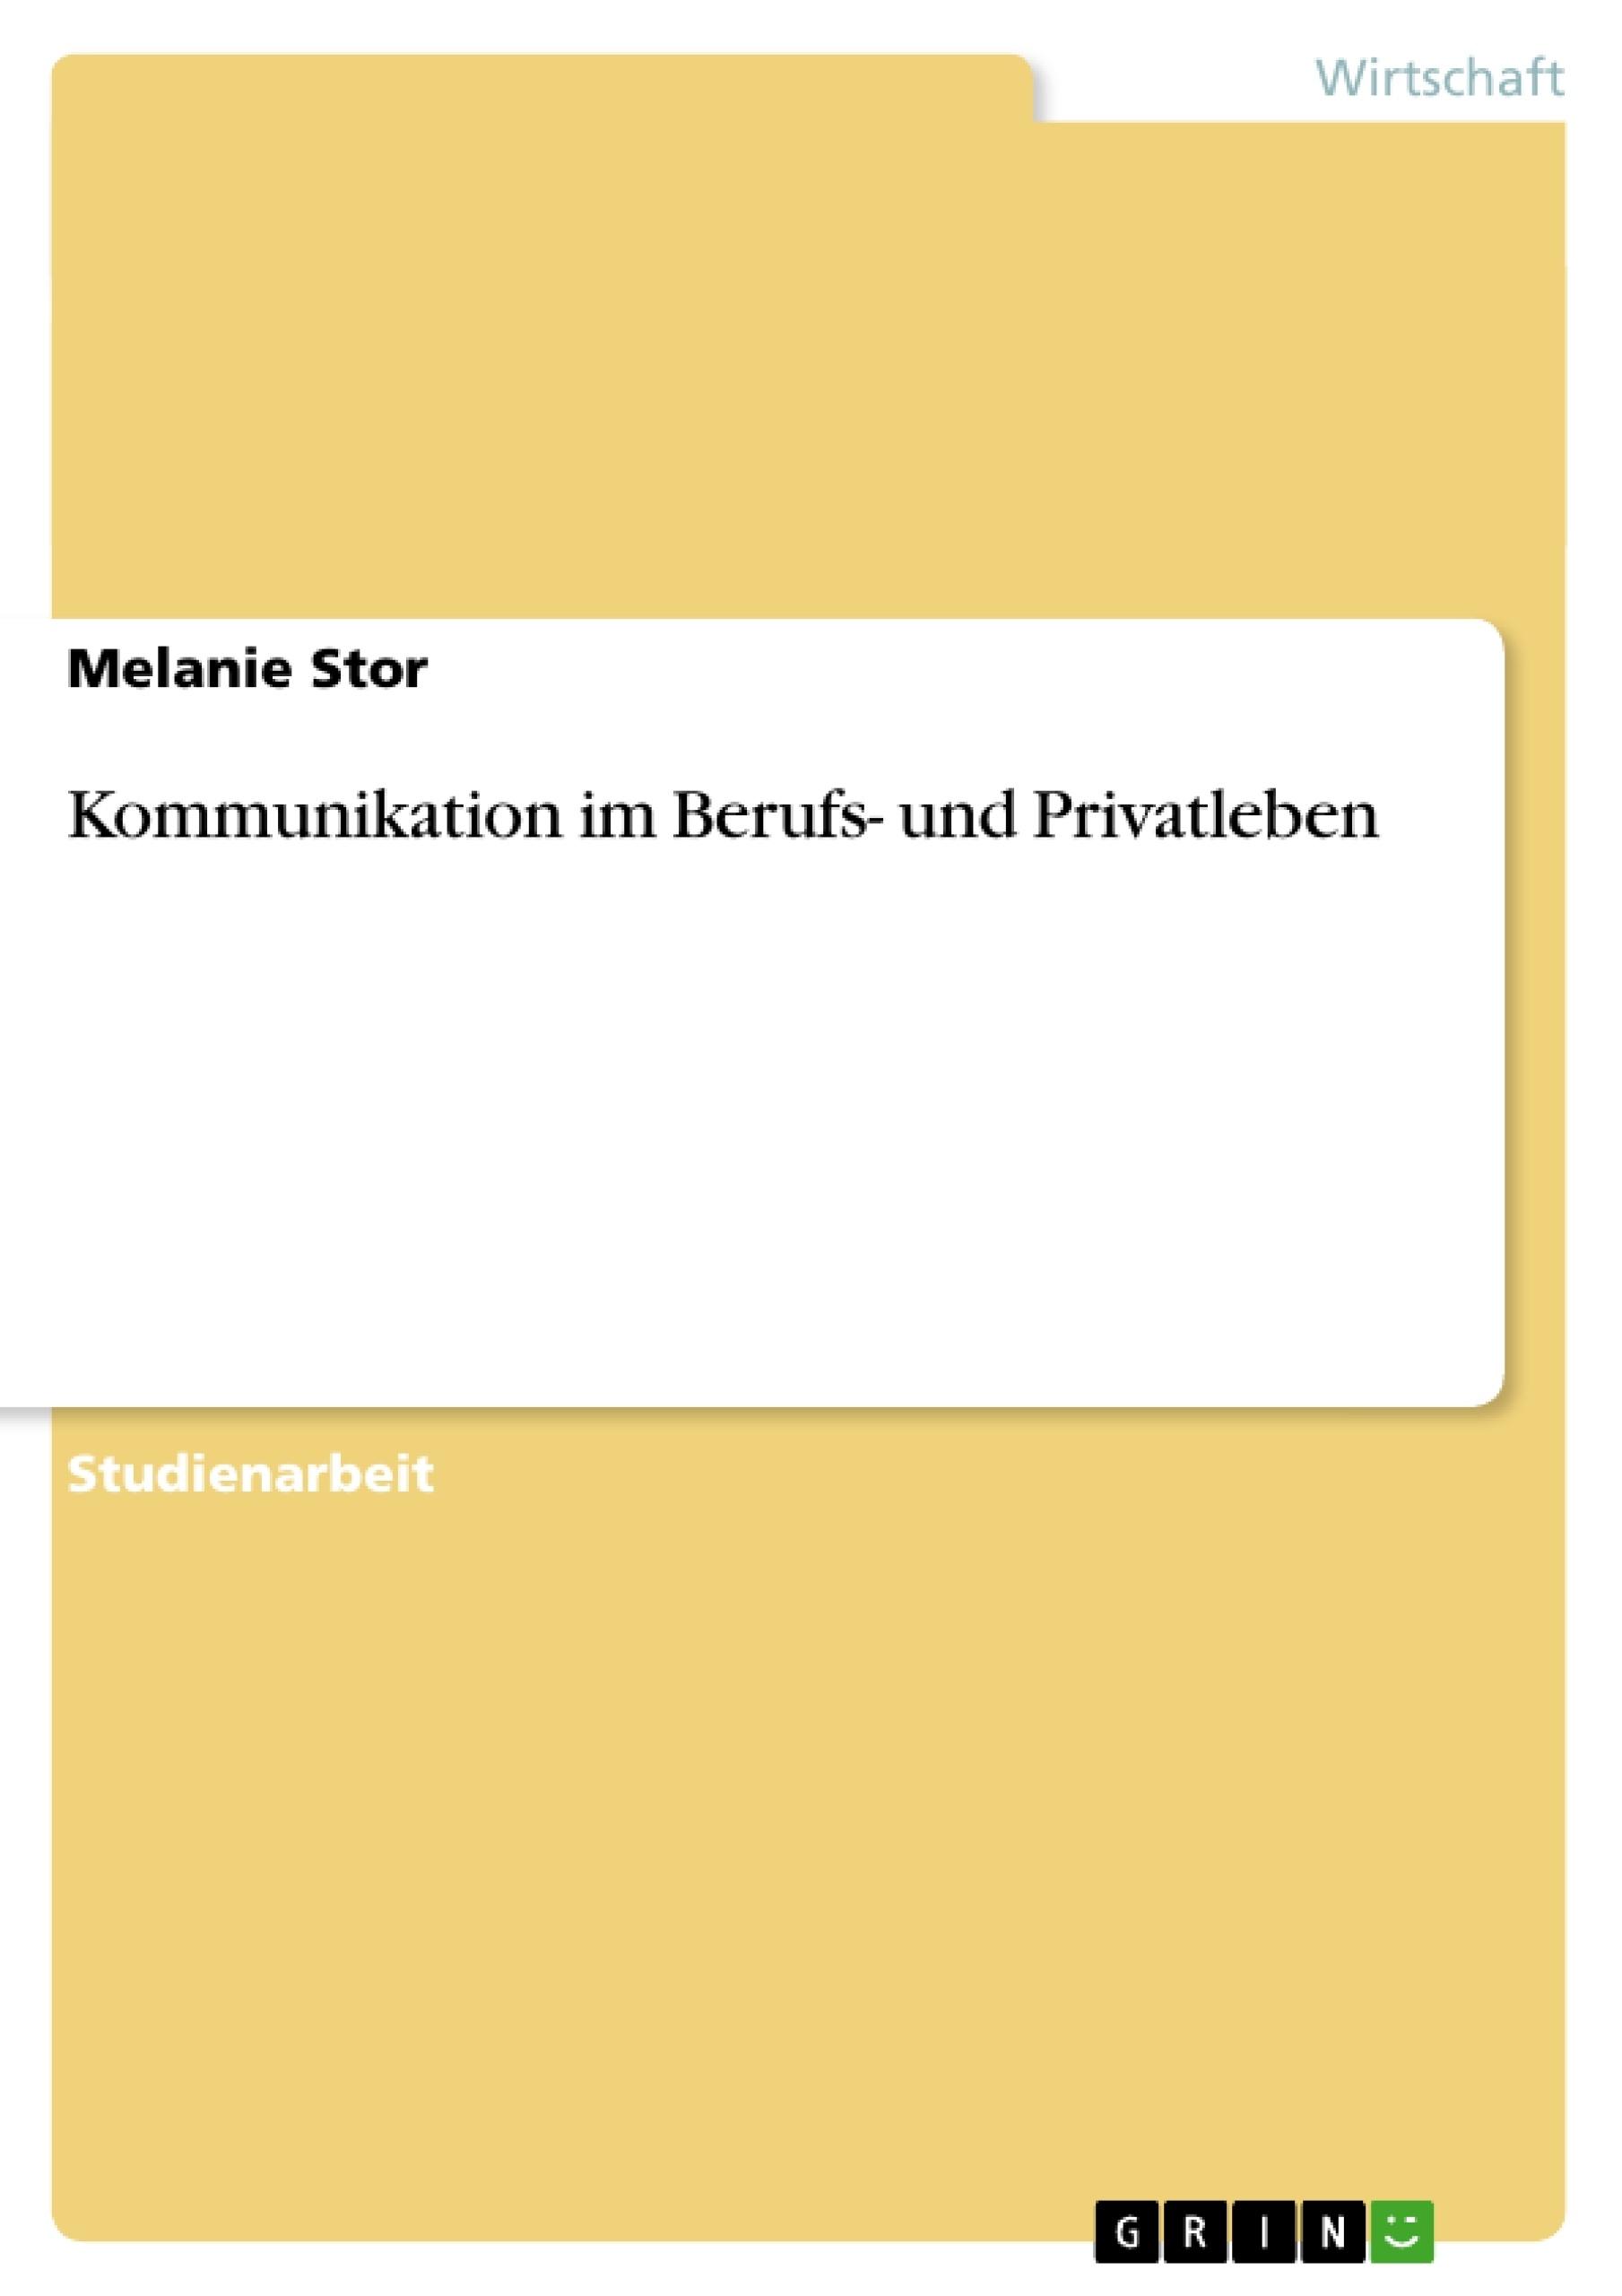 Titel: Kommunikation im Berufs- und Privatleben